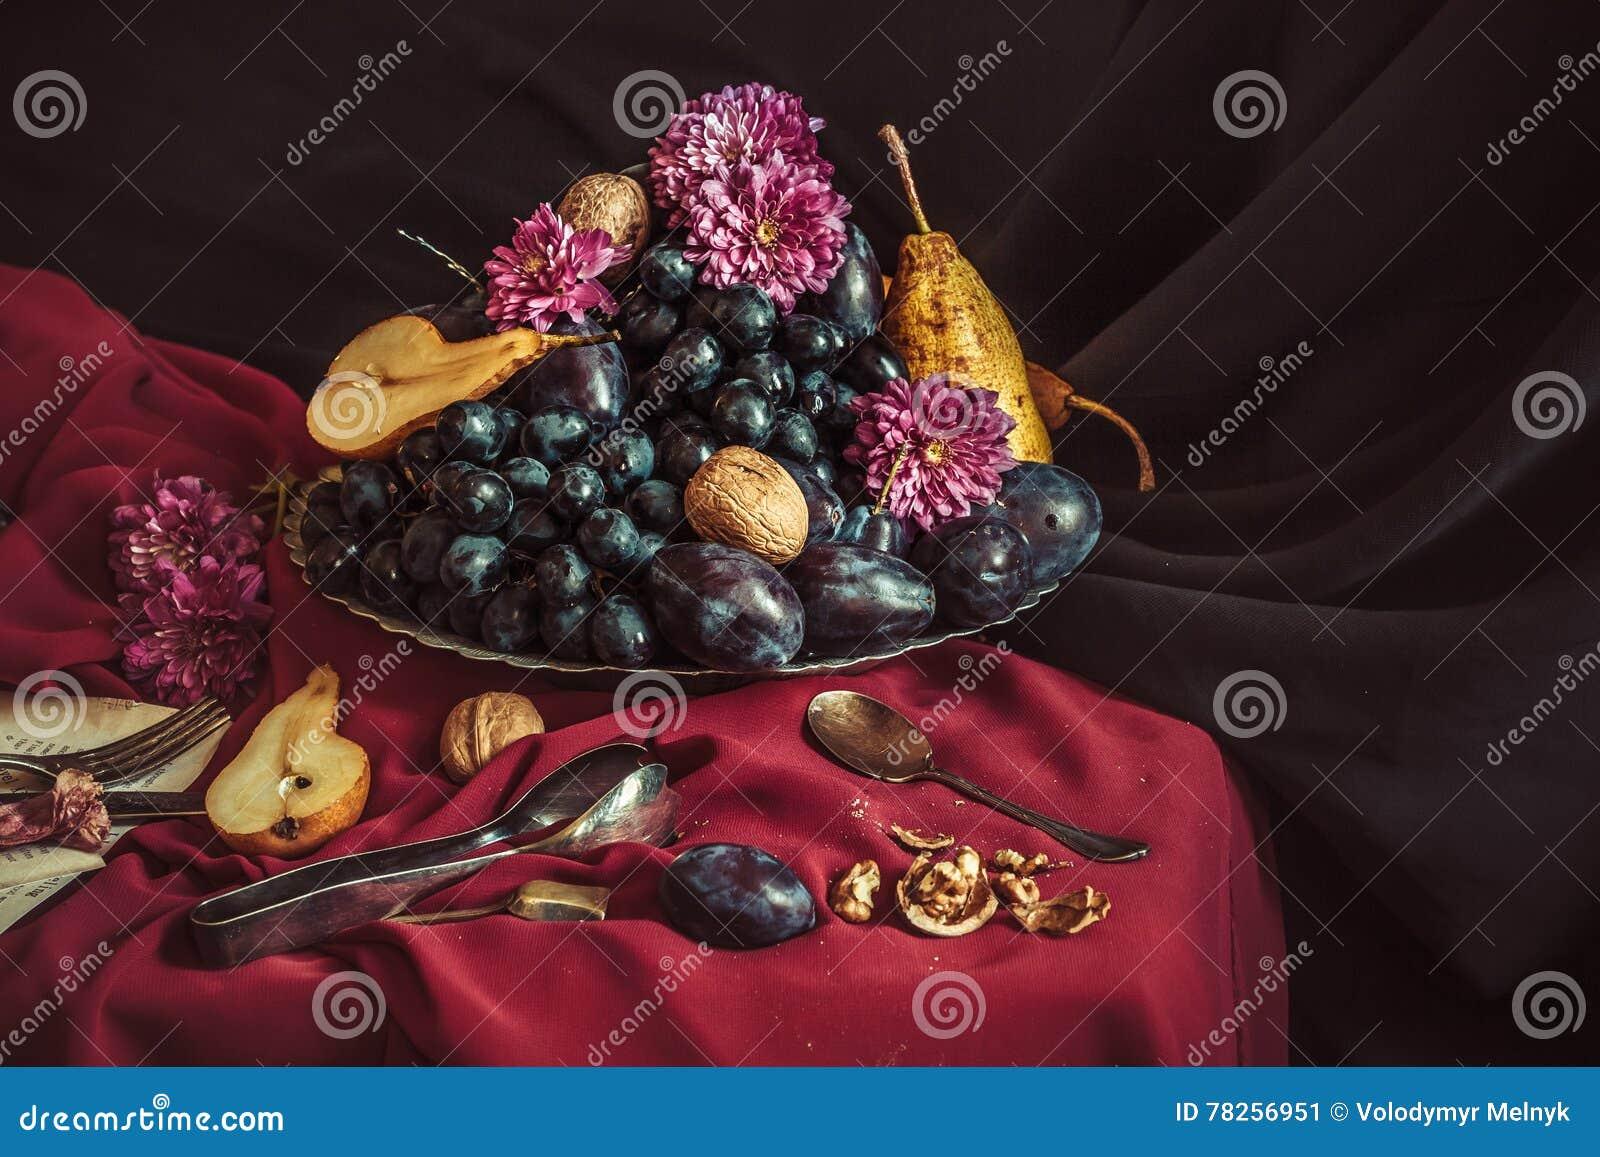 Το κύπελλο φρούτων με τα σταφύλια και τα δαμάσκηνα ενάντια σε ένα καφέ τραπεζομάντιλο